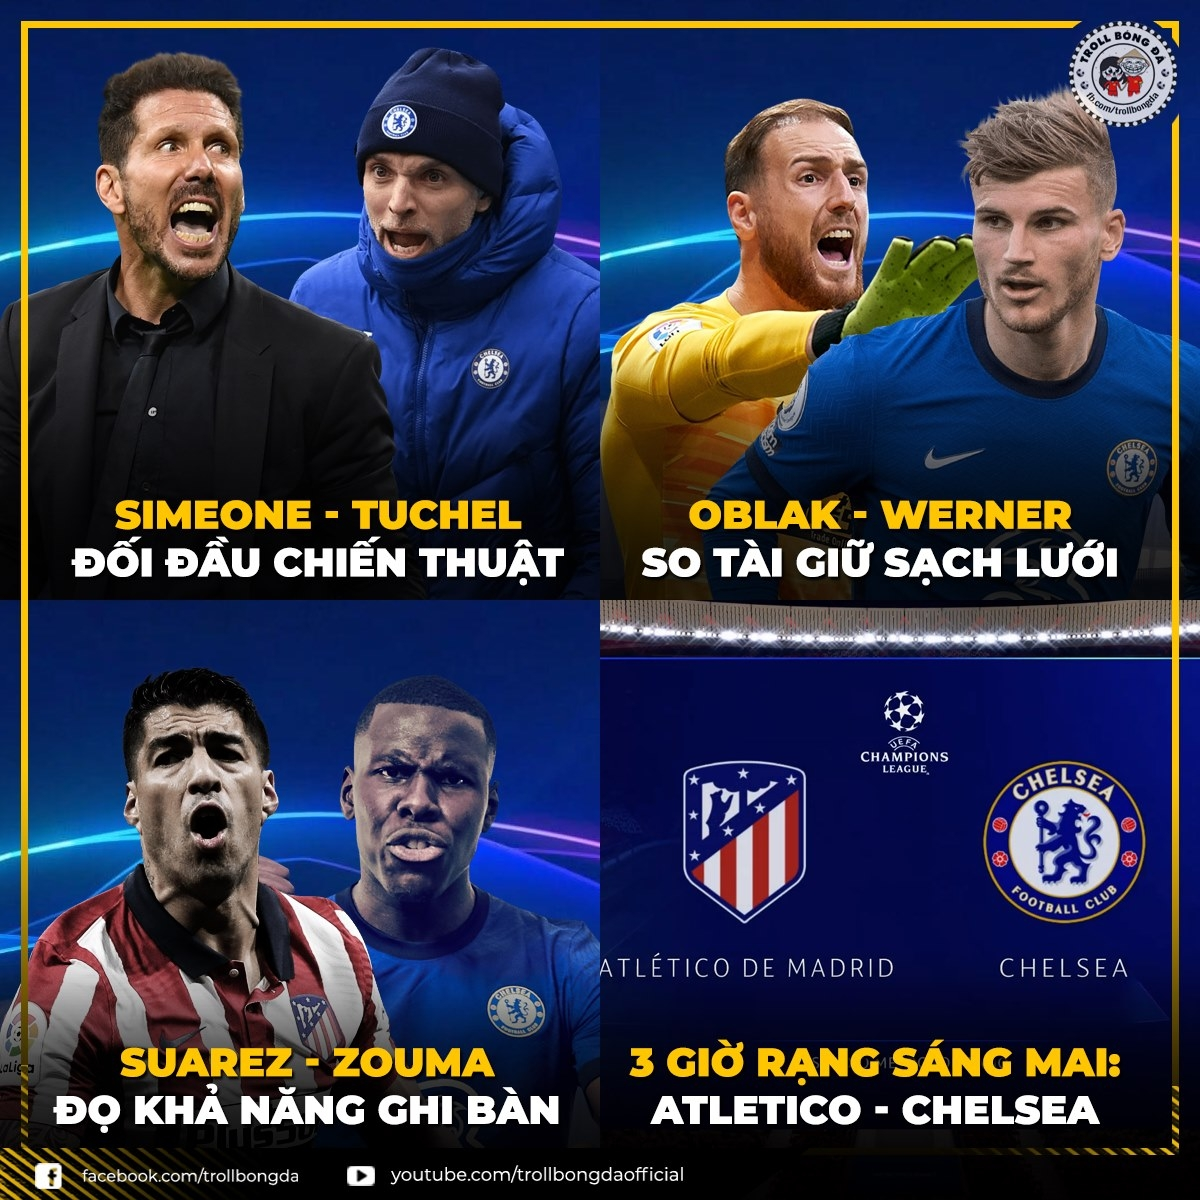 Cuộc so tài hấp dẫn giữa Atletico và Chelsea ở Champions League vào rạng sáng mai. (Ảnh: Troll bóng đá).